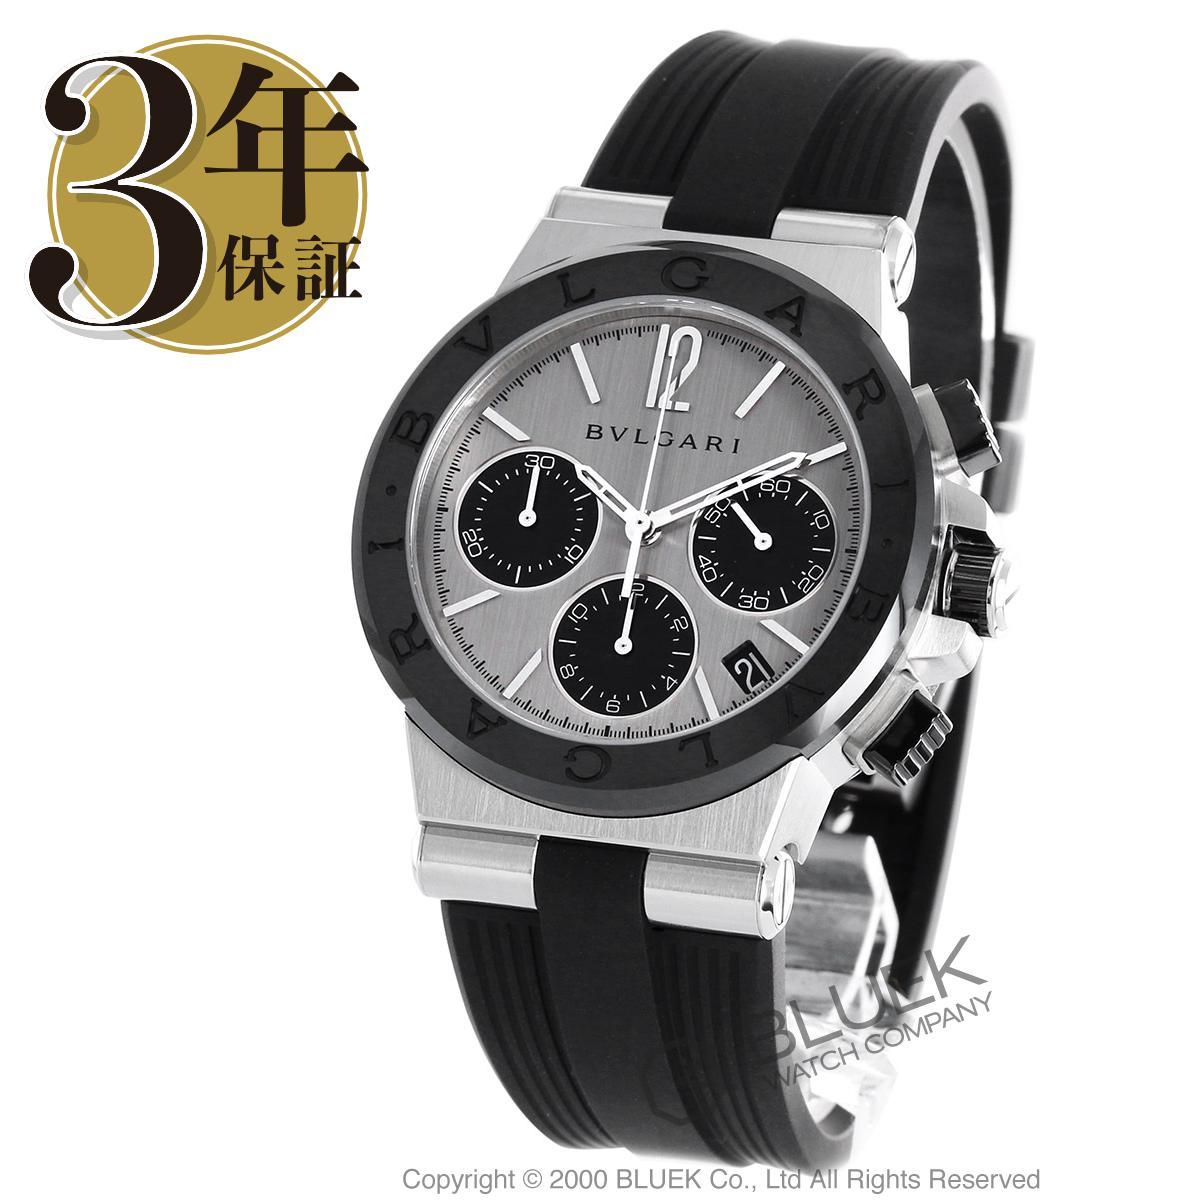 ブルガリ ディアゴノ クロノグラフ 腕時計 メンズ BVLGARI DG37C6SCVDCH_8